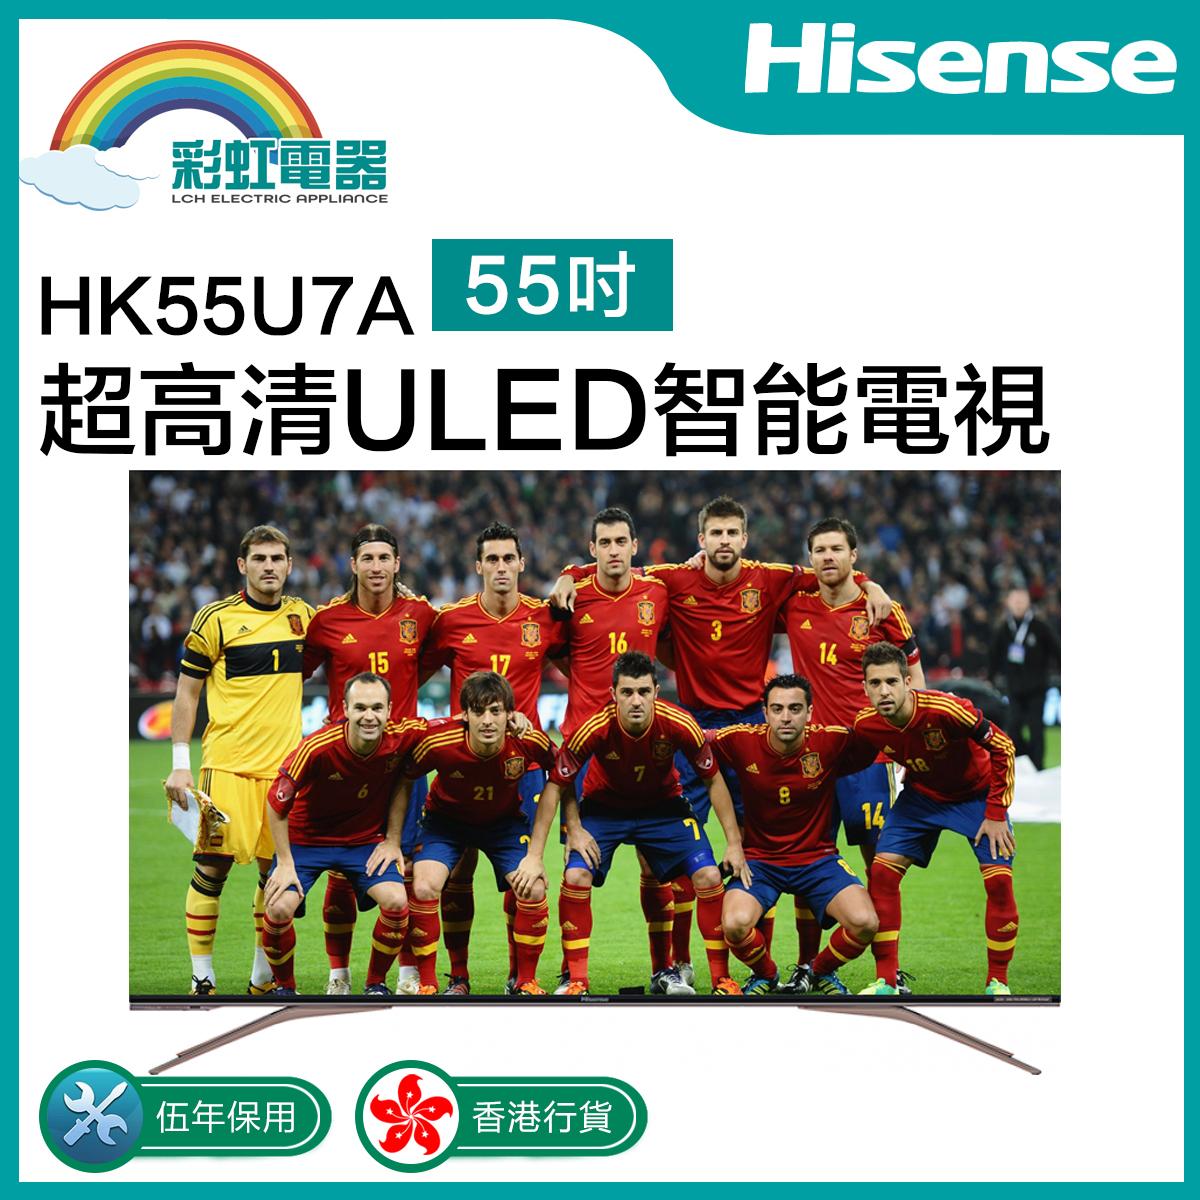 HK55U7A 超高清ULED智能電視 55吋(香港行貨)